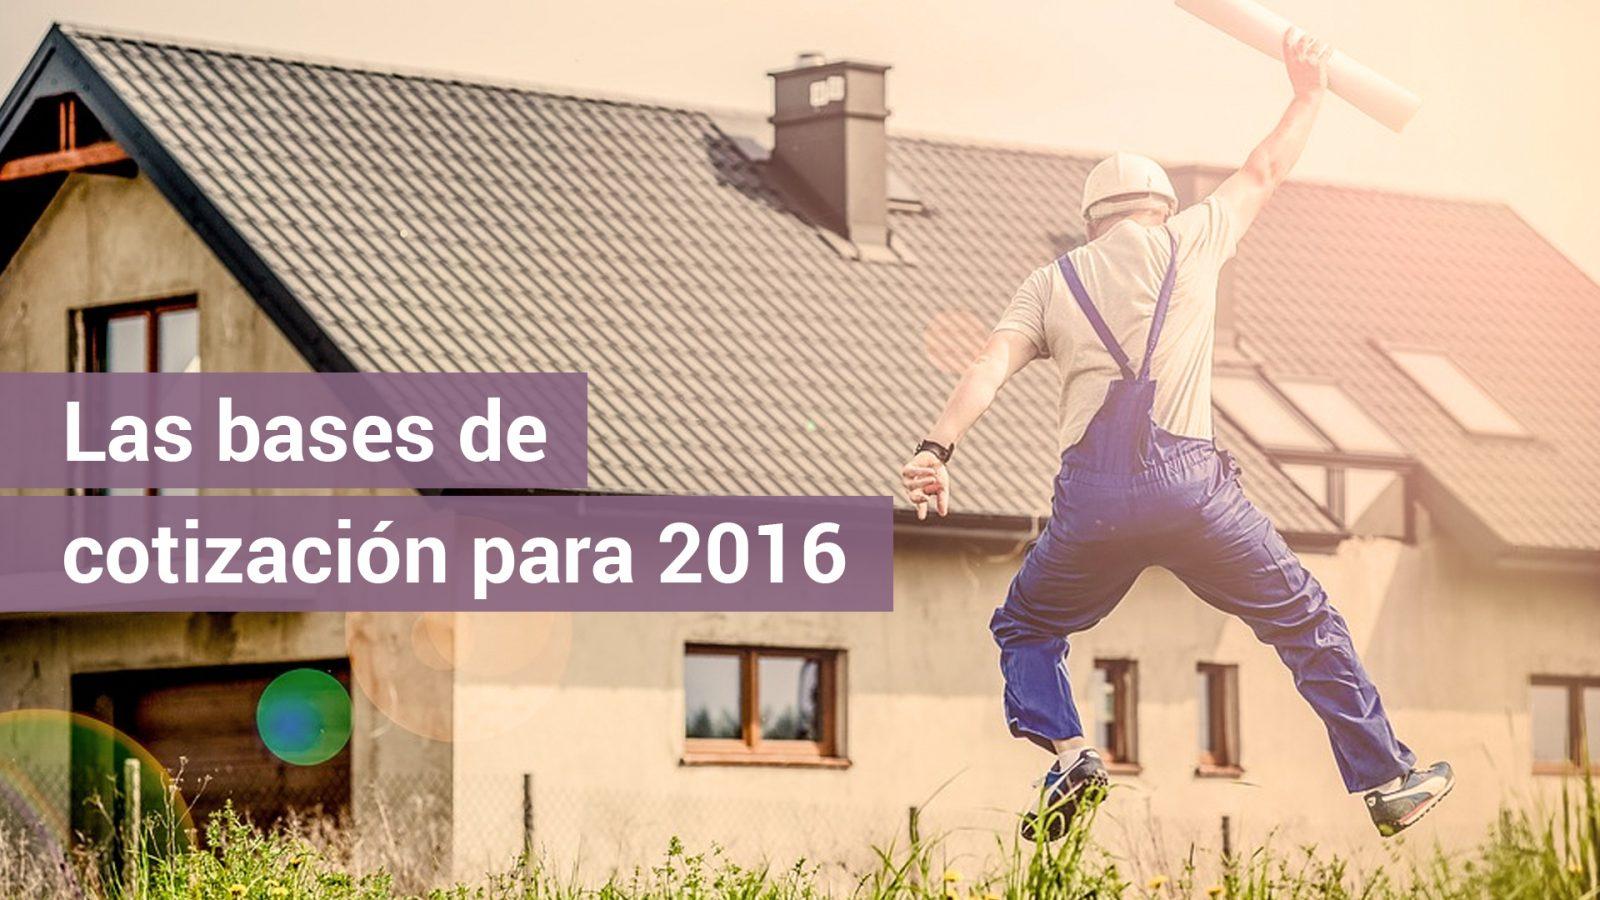 Las bases de cotización para 2016